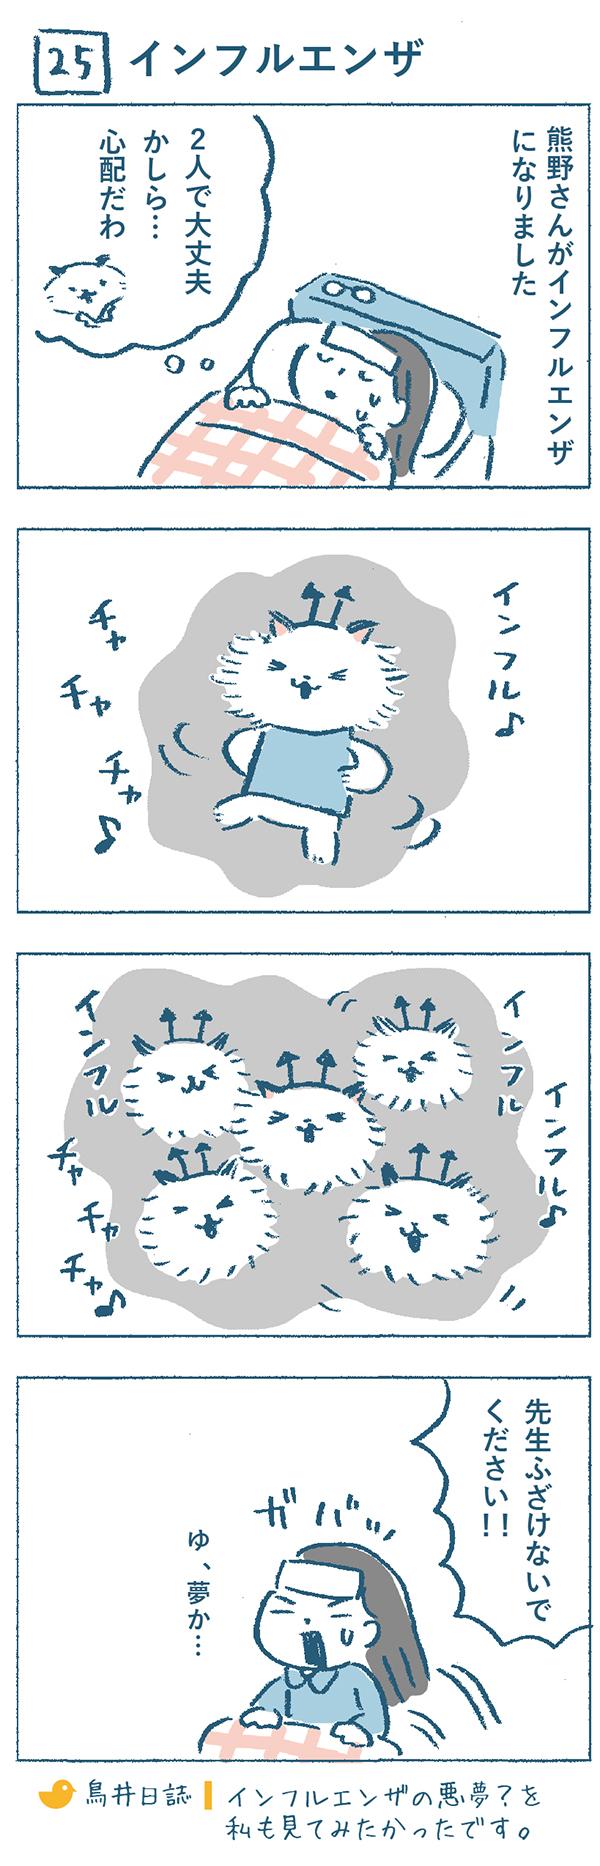 タイトル:インフルエンザ。熊野さんがインフルエンザになってしまいました。熊野さんが「2人で大丈夫かしら・・・心配だわ」と奈央子とねこやま先生のことを考えていると・・・。ばい菌の格好をしたねこやま先生が「インフル♪チャチャチャ♪」と歌いながらどんどん増えていくではありませんか・・・!熊野さんは思わず「先生ふざけないでください!!」と叫びながら飛び起き、ばい菌ねこやま先生が夢であることに気づいたそうです。奈央子は「インフルエンザの悪夢?を私もみてみたかったな」と思うのでした。